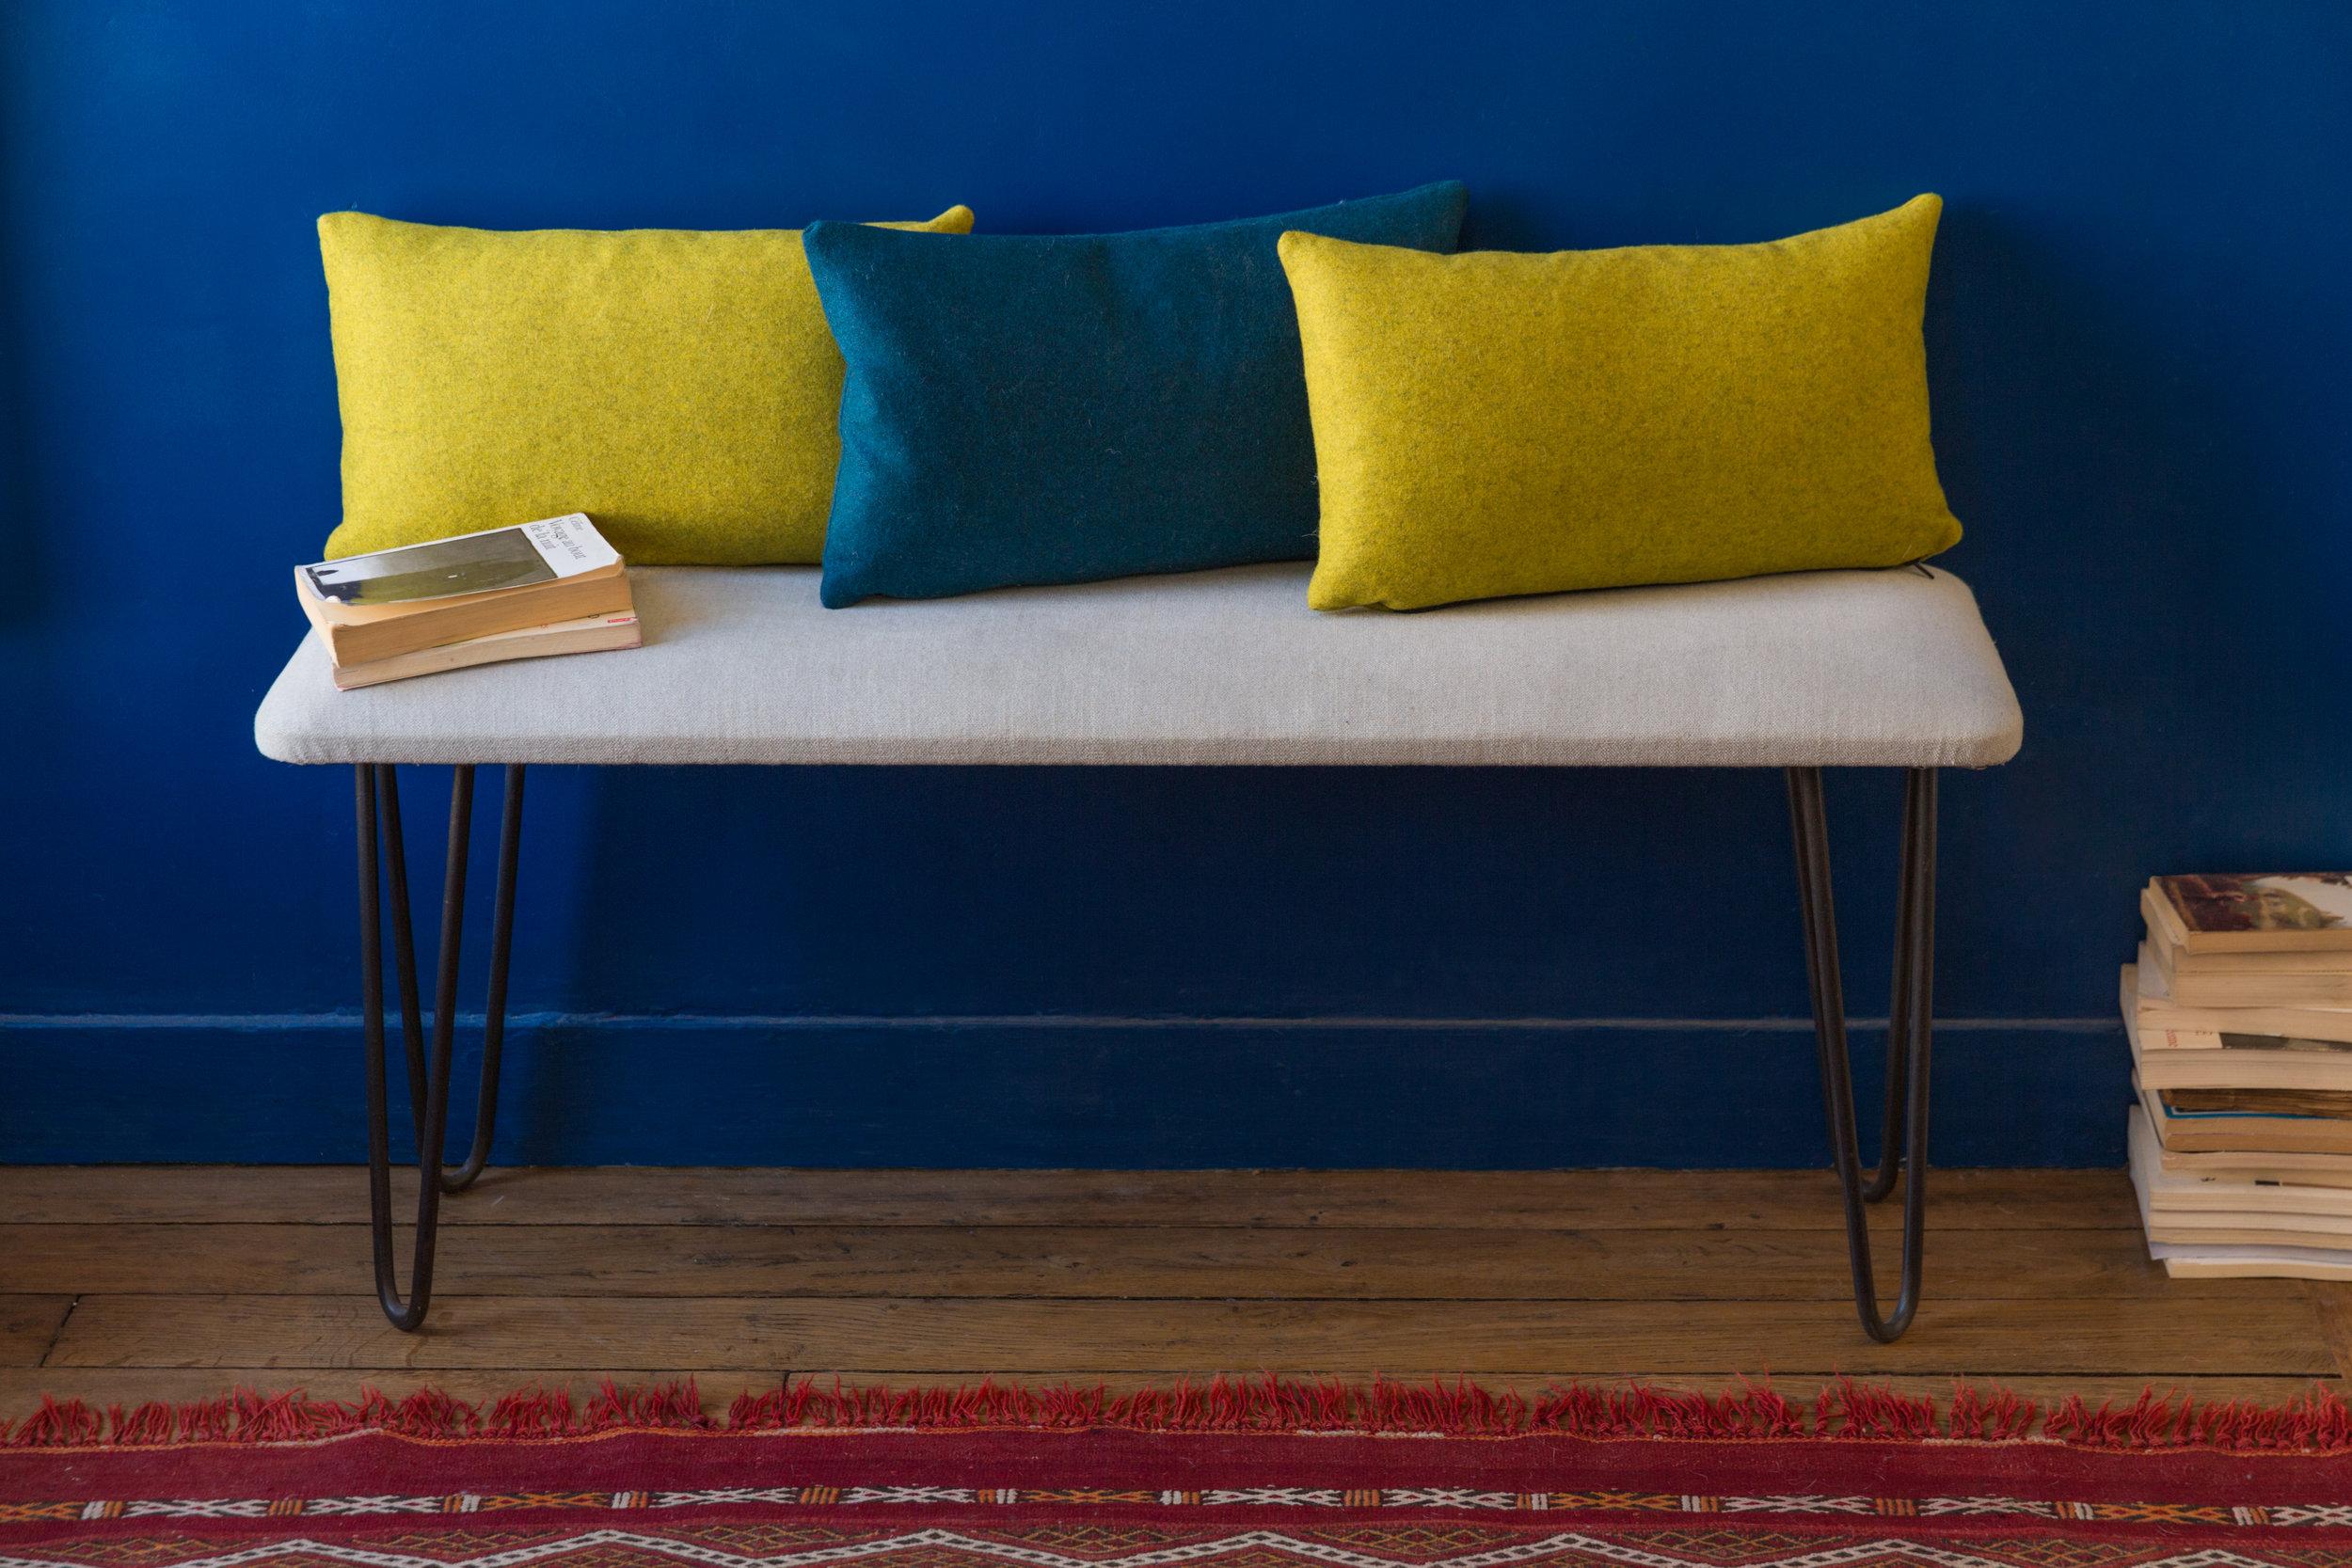 Fabriquer un meuble à la demande - Session de 4h: 140 la sessionA la fin de la session, vous repartez avec votre banc